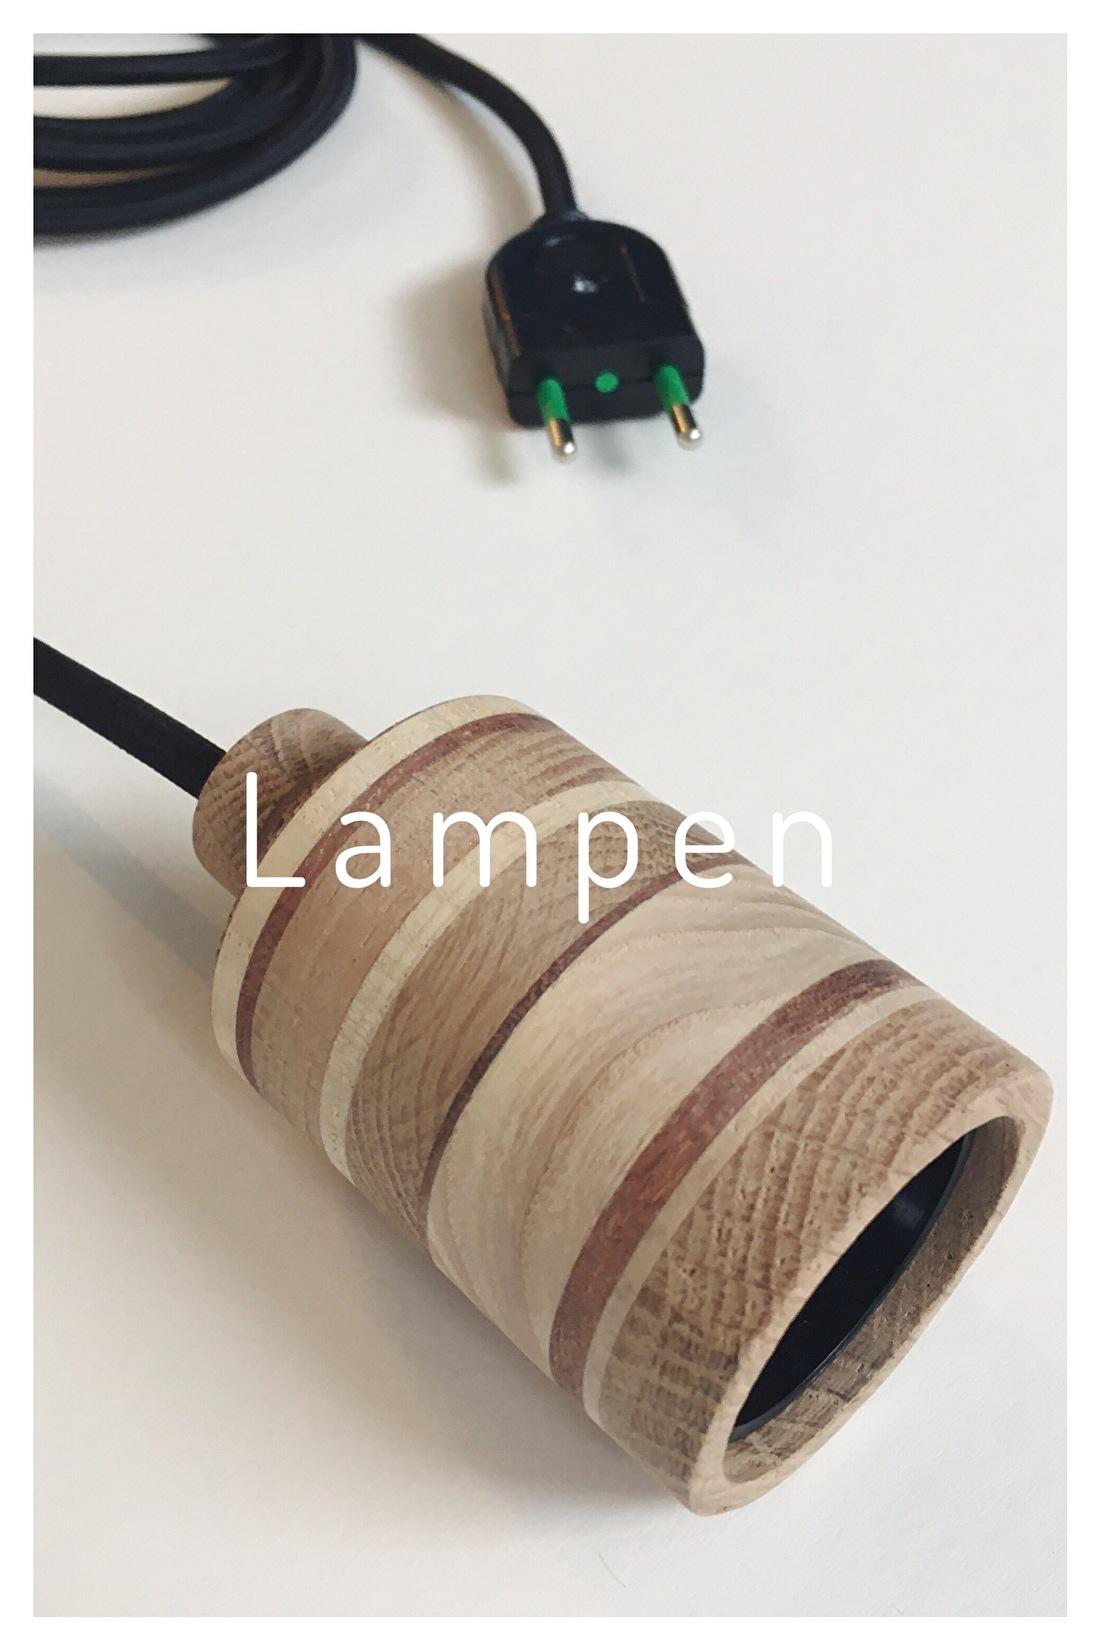 producten_home_studio_mooibos_houten_lampen_wandhaken_ringen_sieraden_oorbellen_manchetknopen_vanhout-5458.jpg